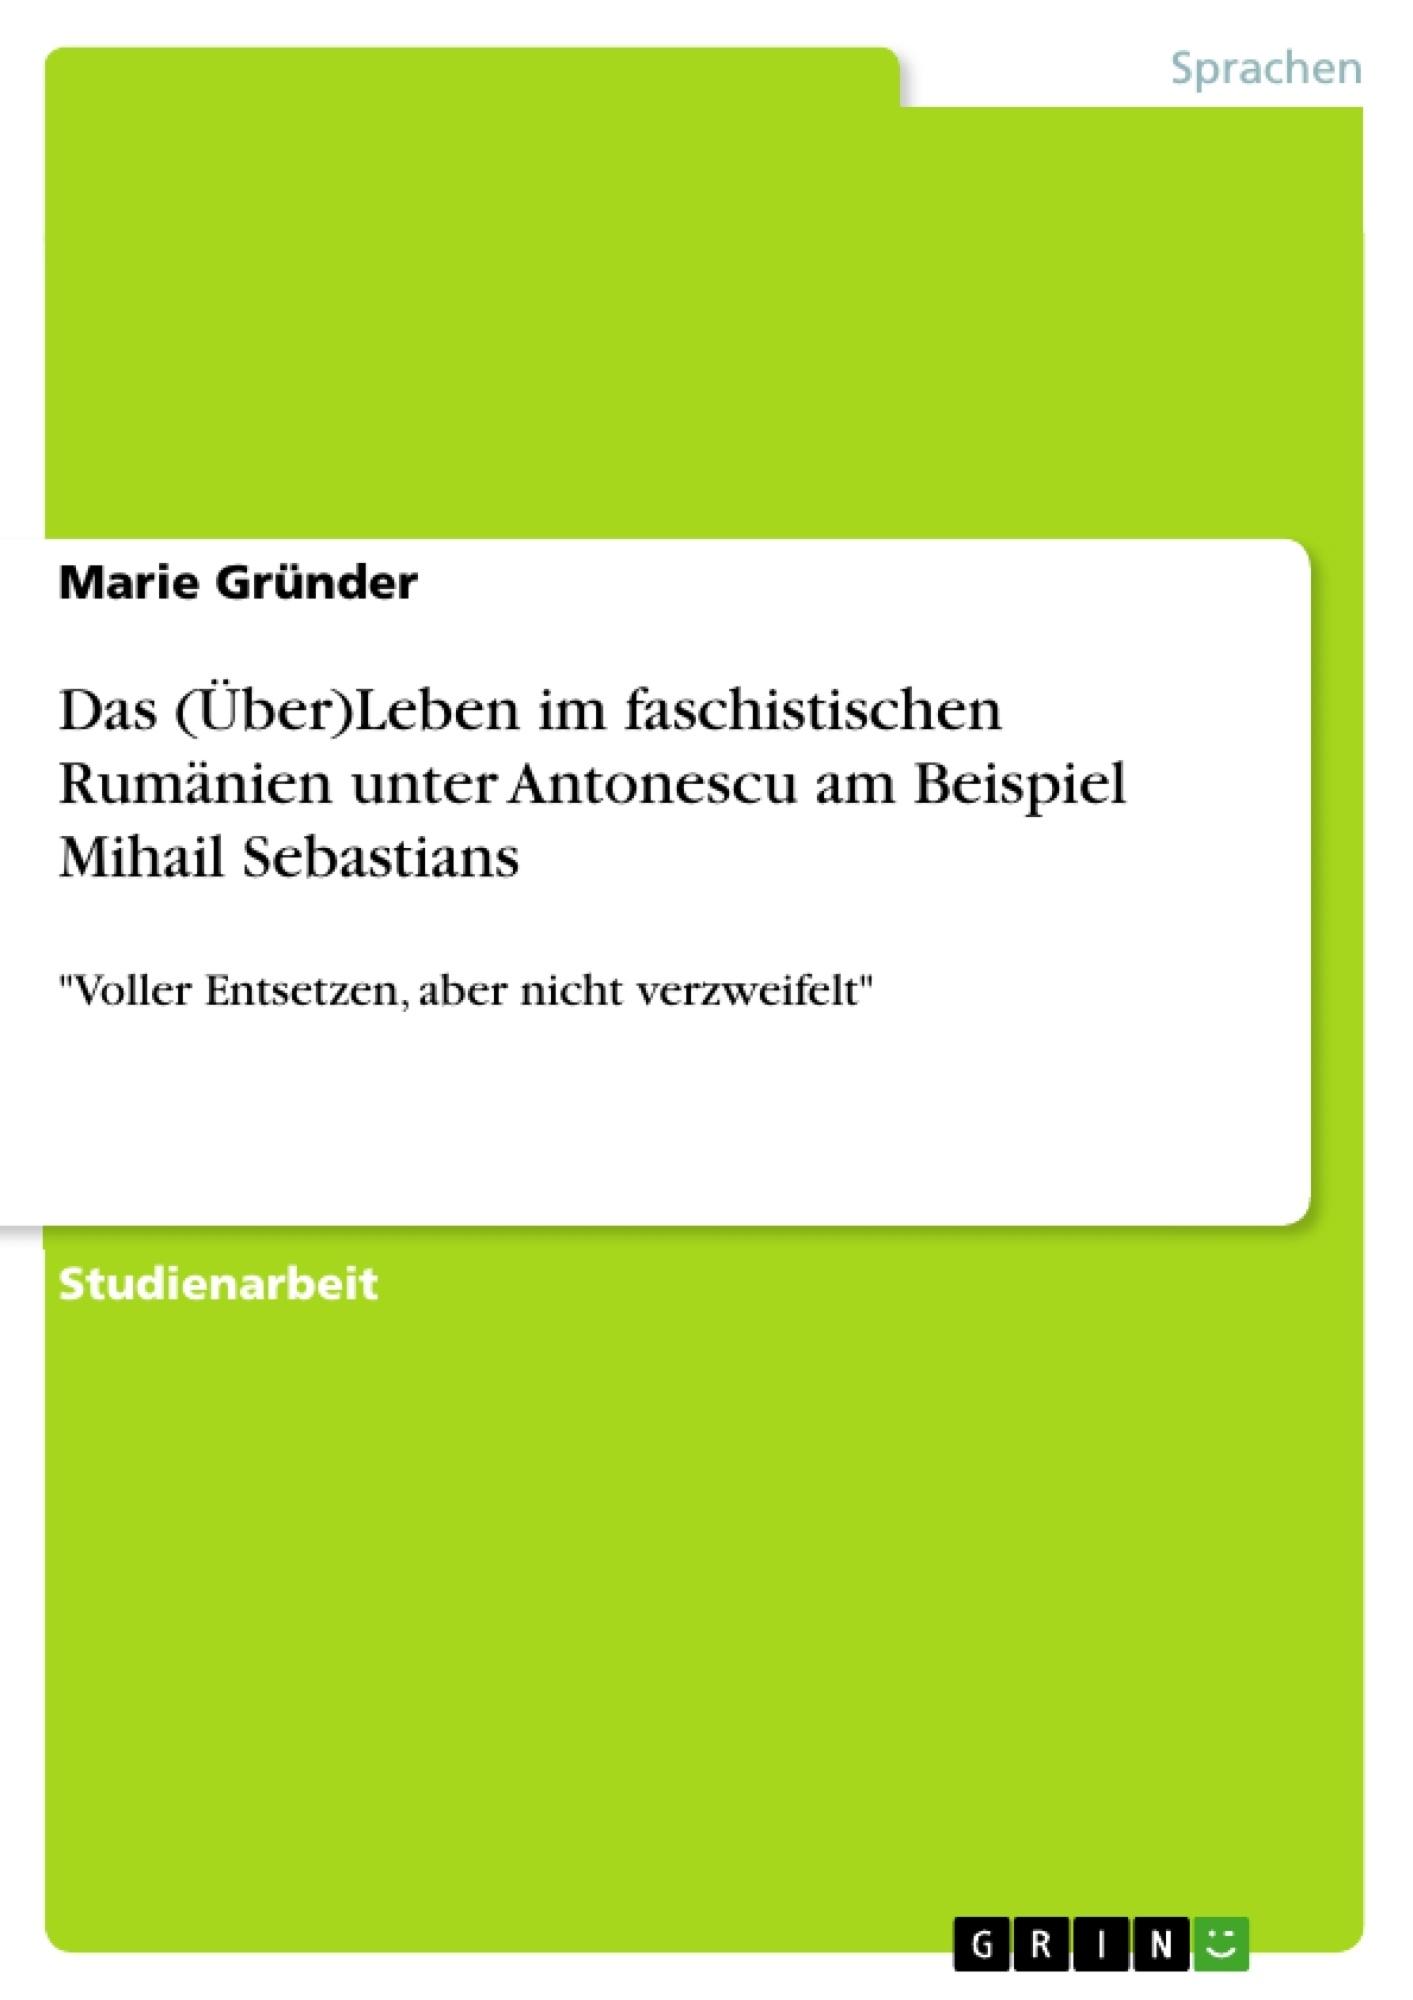 Titel: Das (Über)Leben im faschistischen Rumänien unter Antonescu am Beispiel Mihail Sebastians